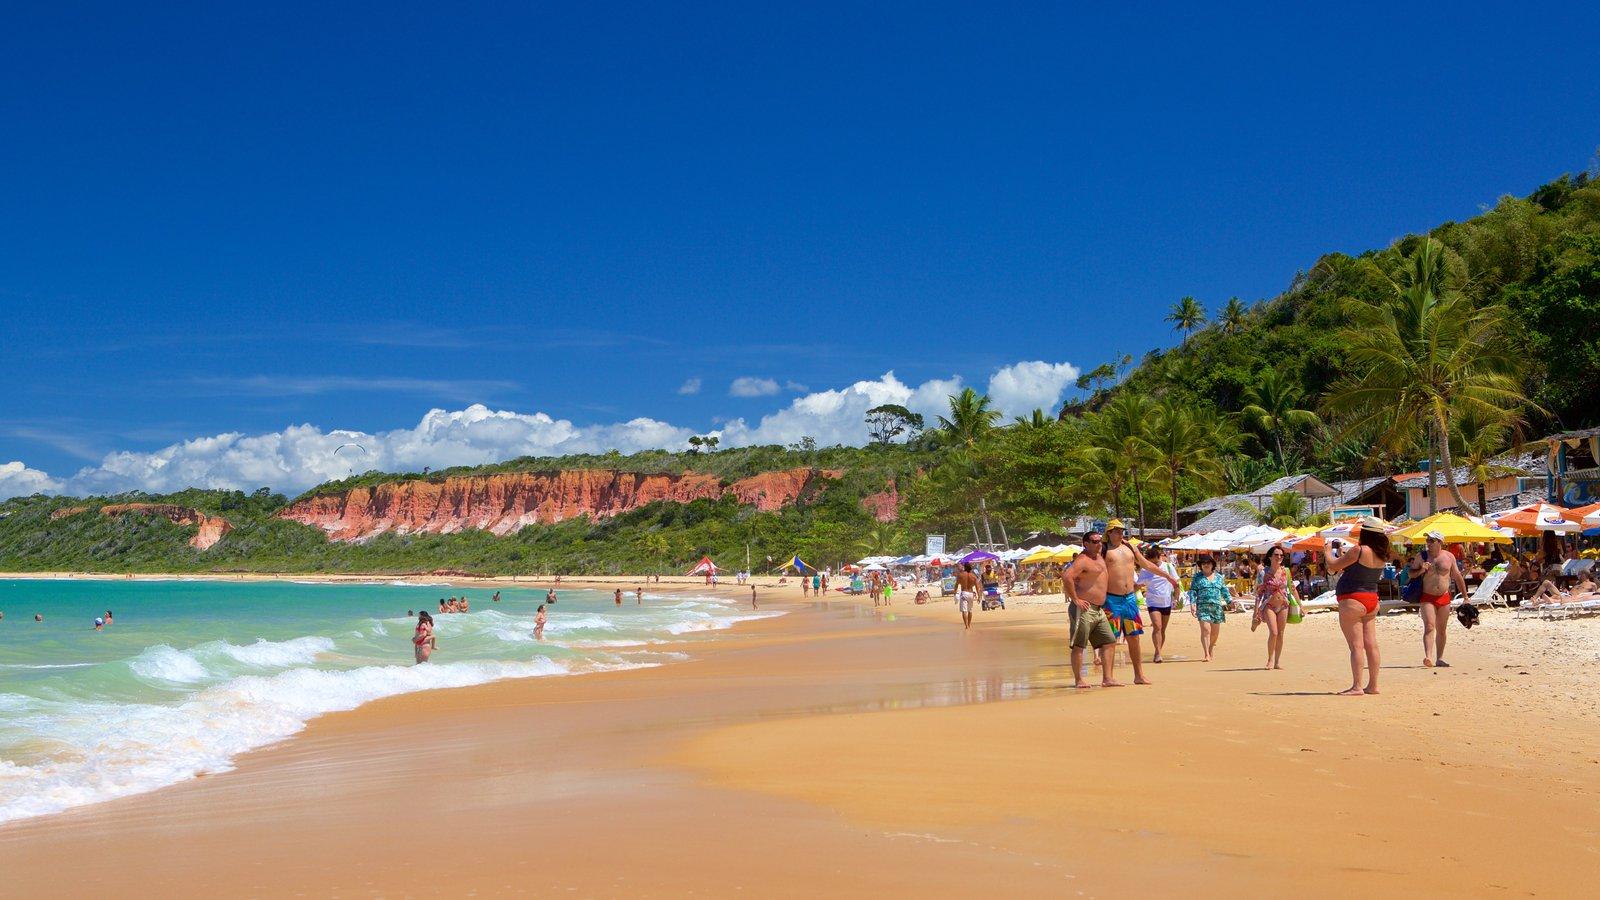 Praia de Pitinga caracterizando cenas tropicais, surfe e paisagens litorâneas